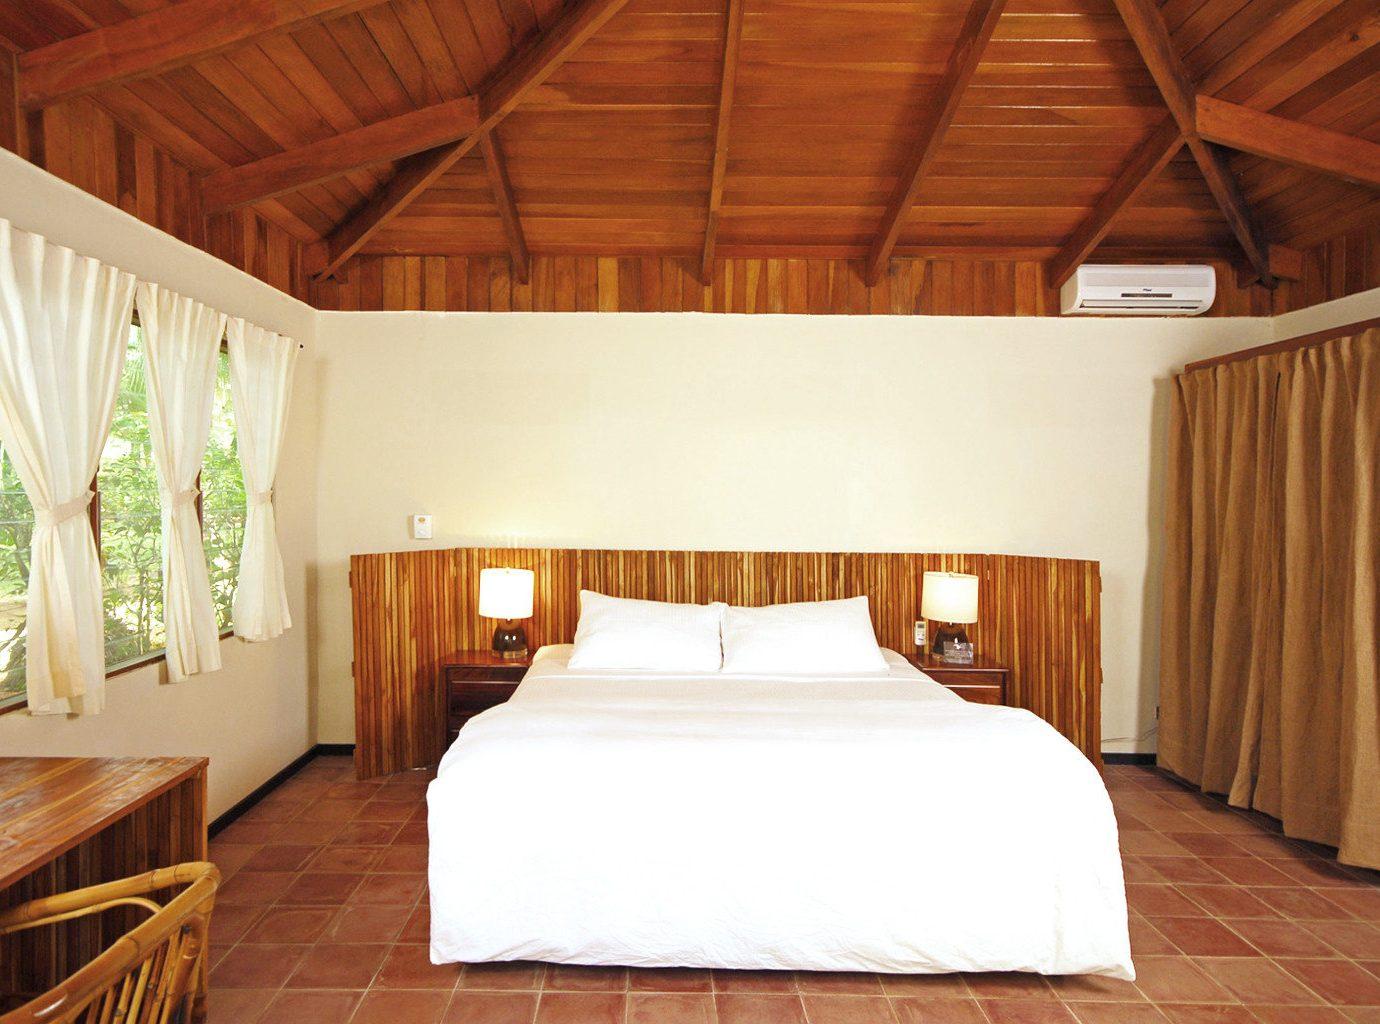 Adventure Beach Beachfront Bedroom Eco Hotels Resort Rustic Wellness property building cottage Suite Villa